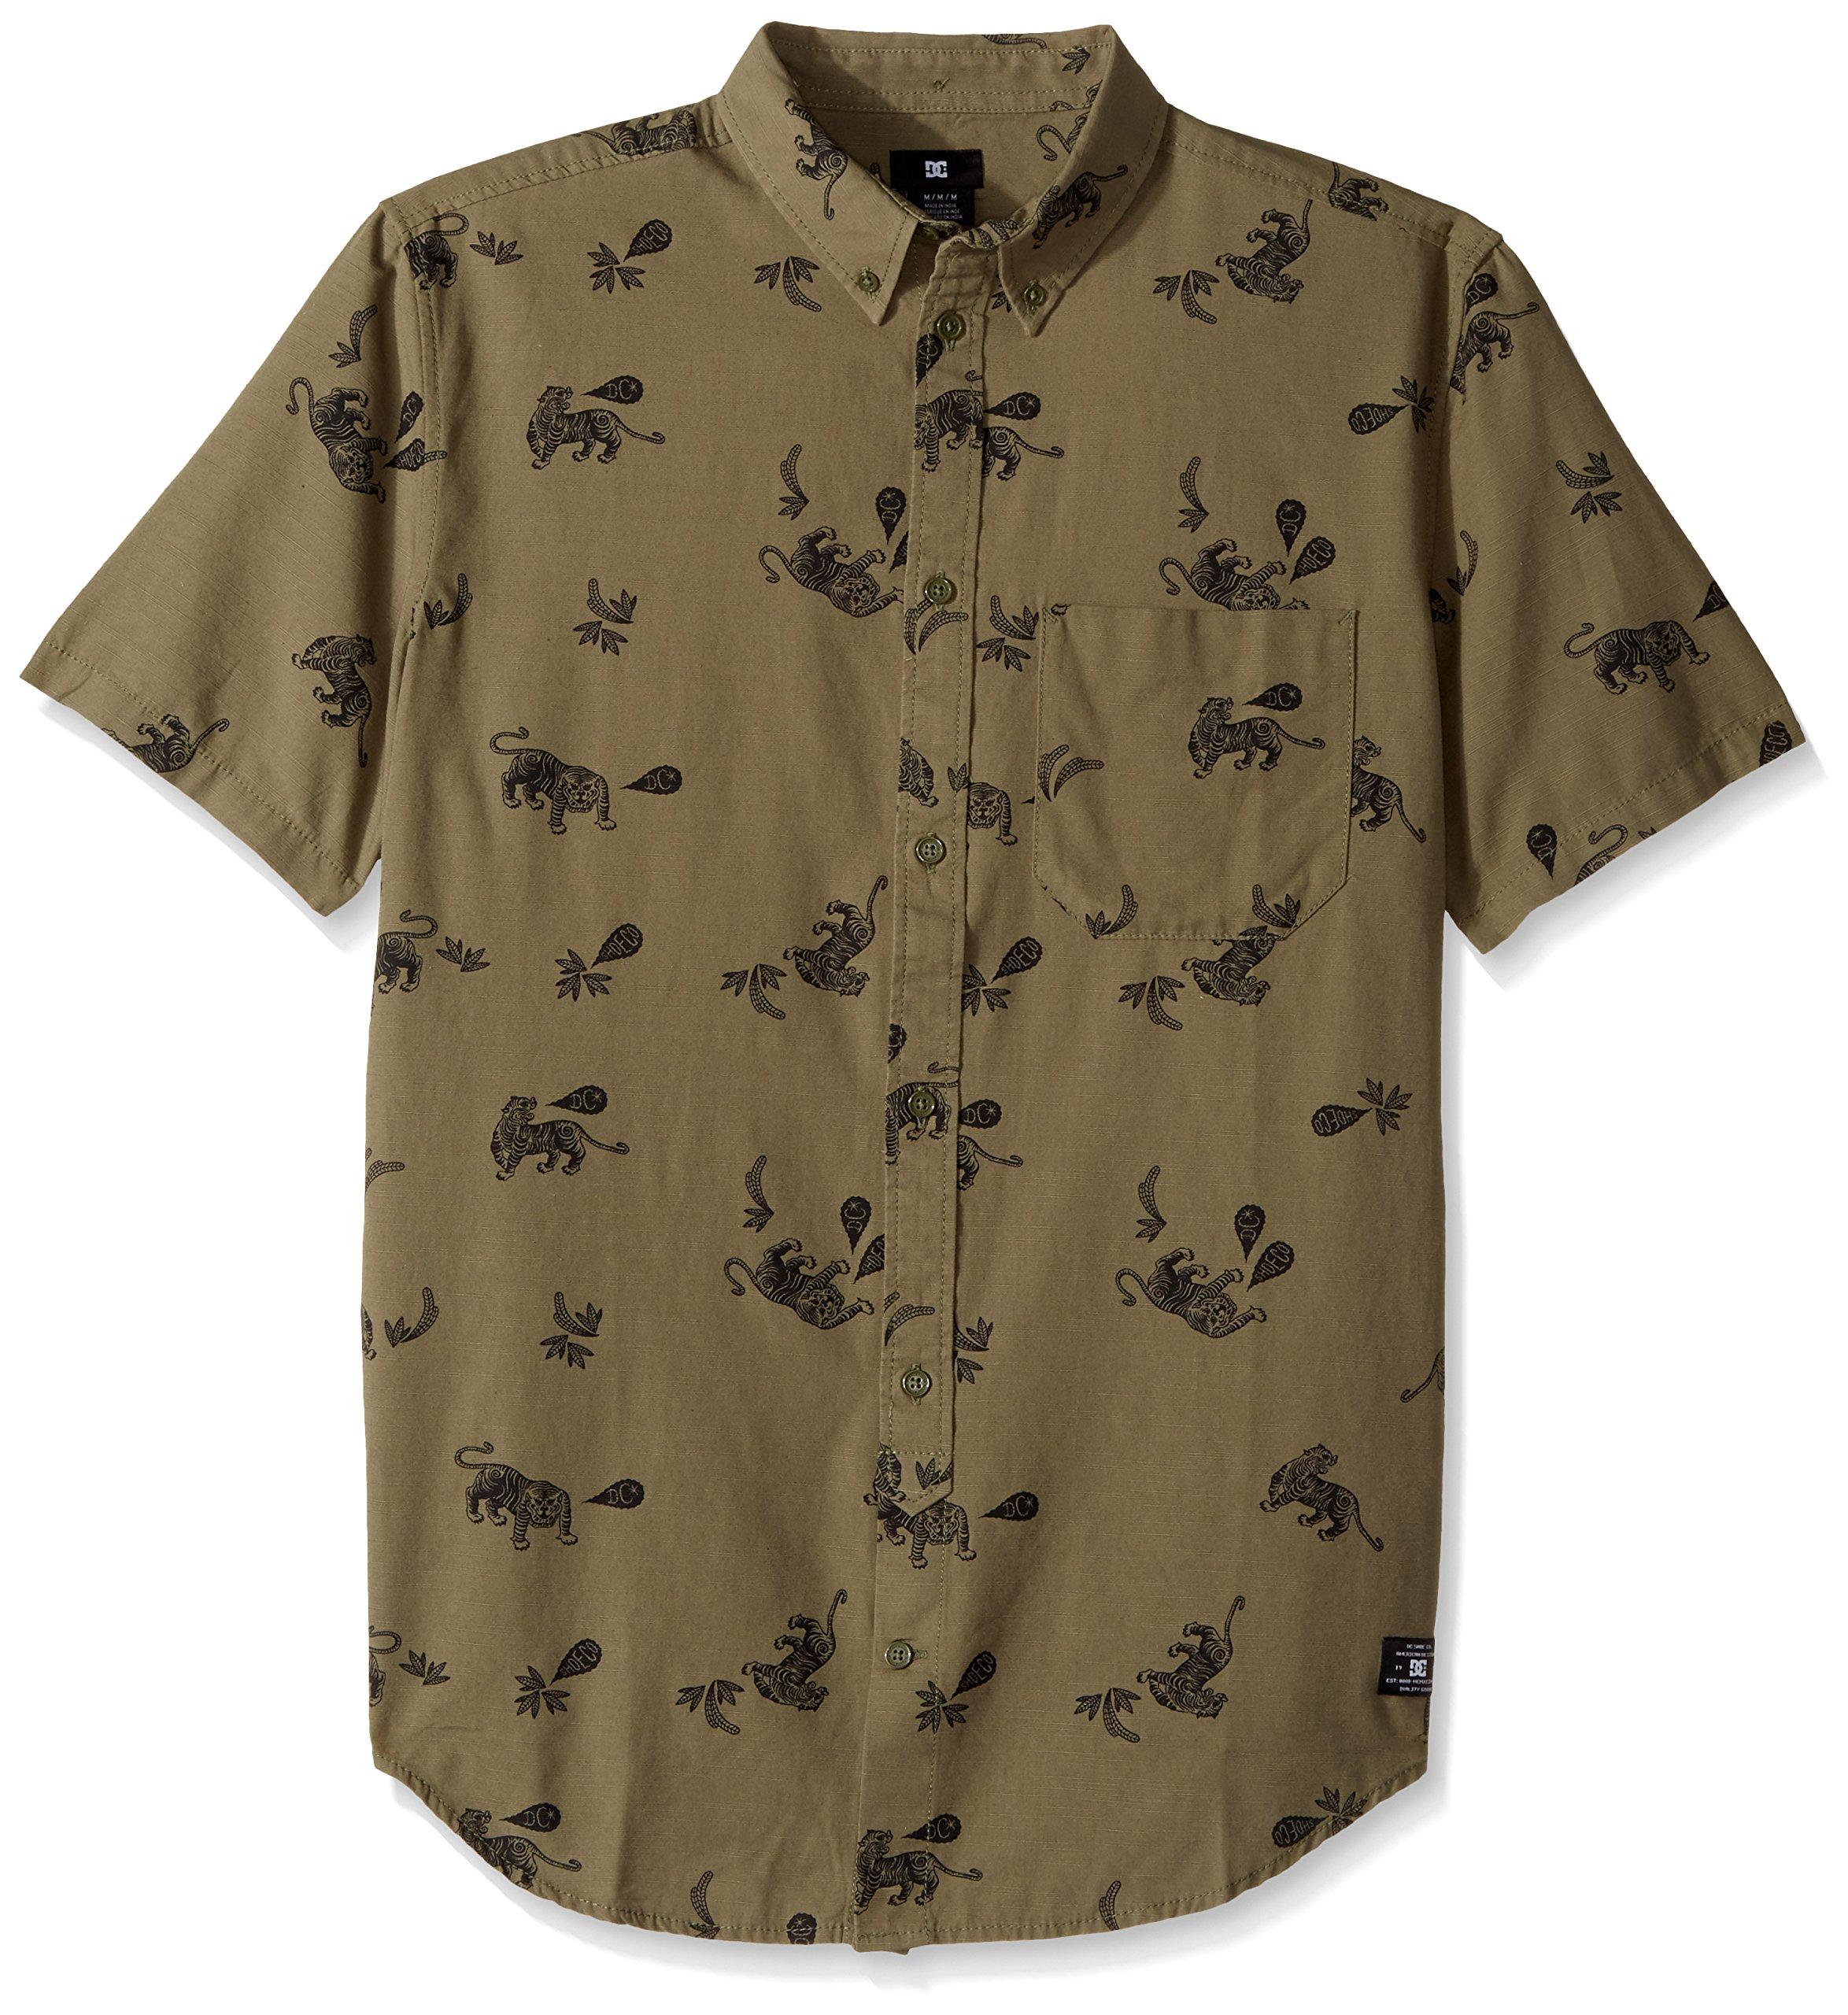 DC Men's Odanah Short Sleeve Top, Vintage Green Tiger Ambush, Medium